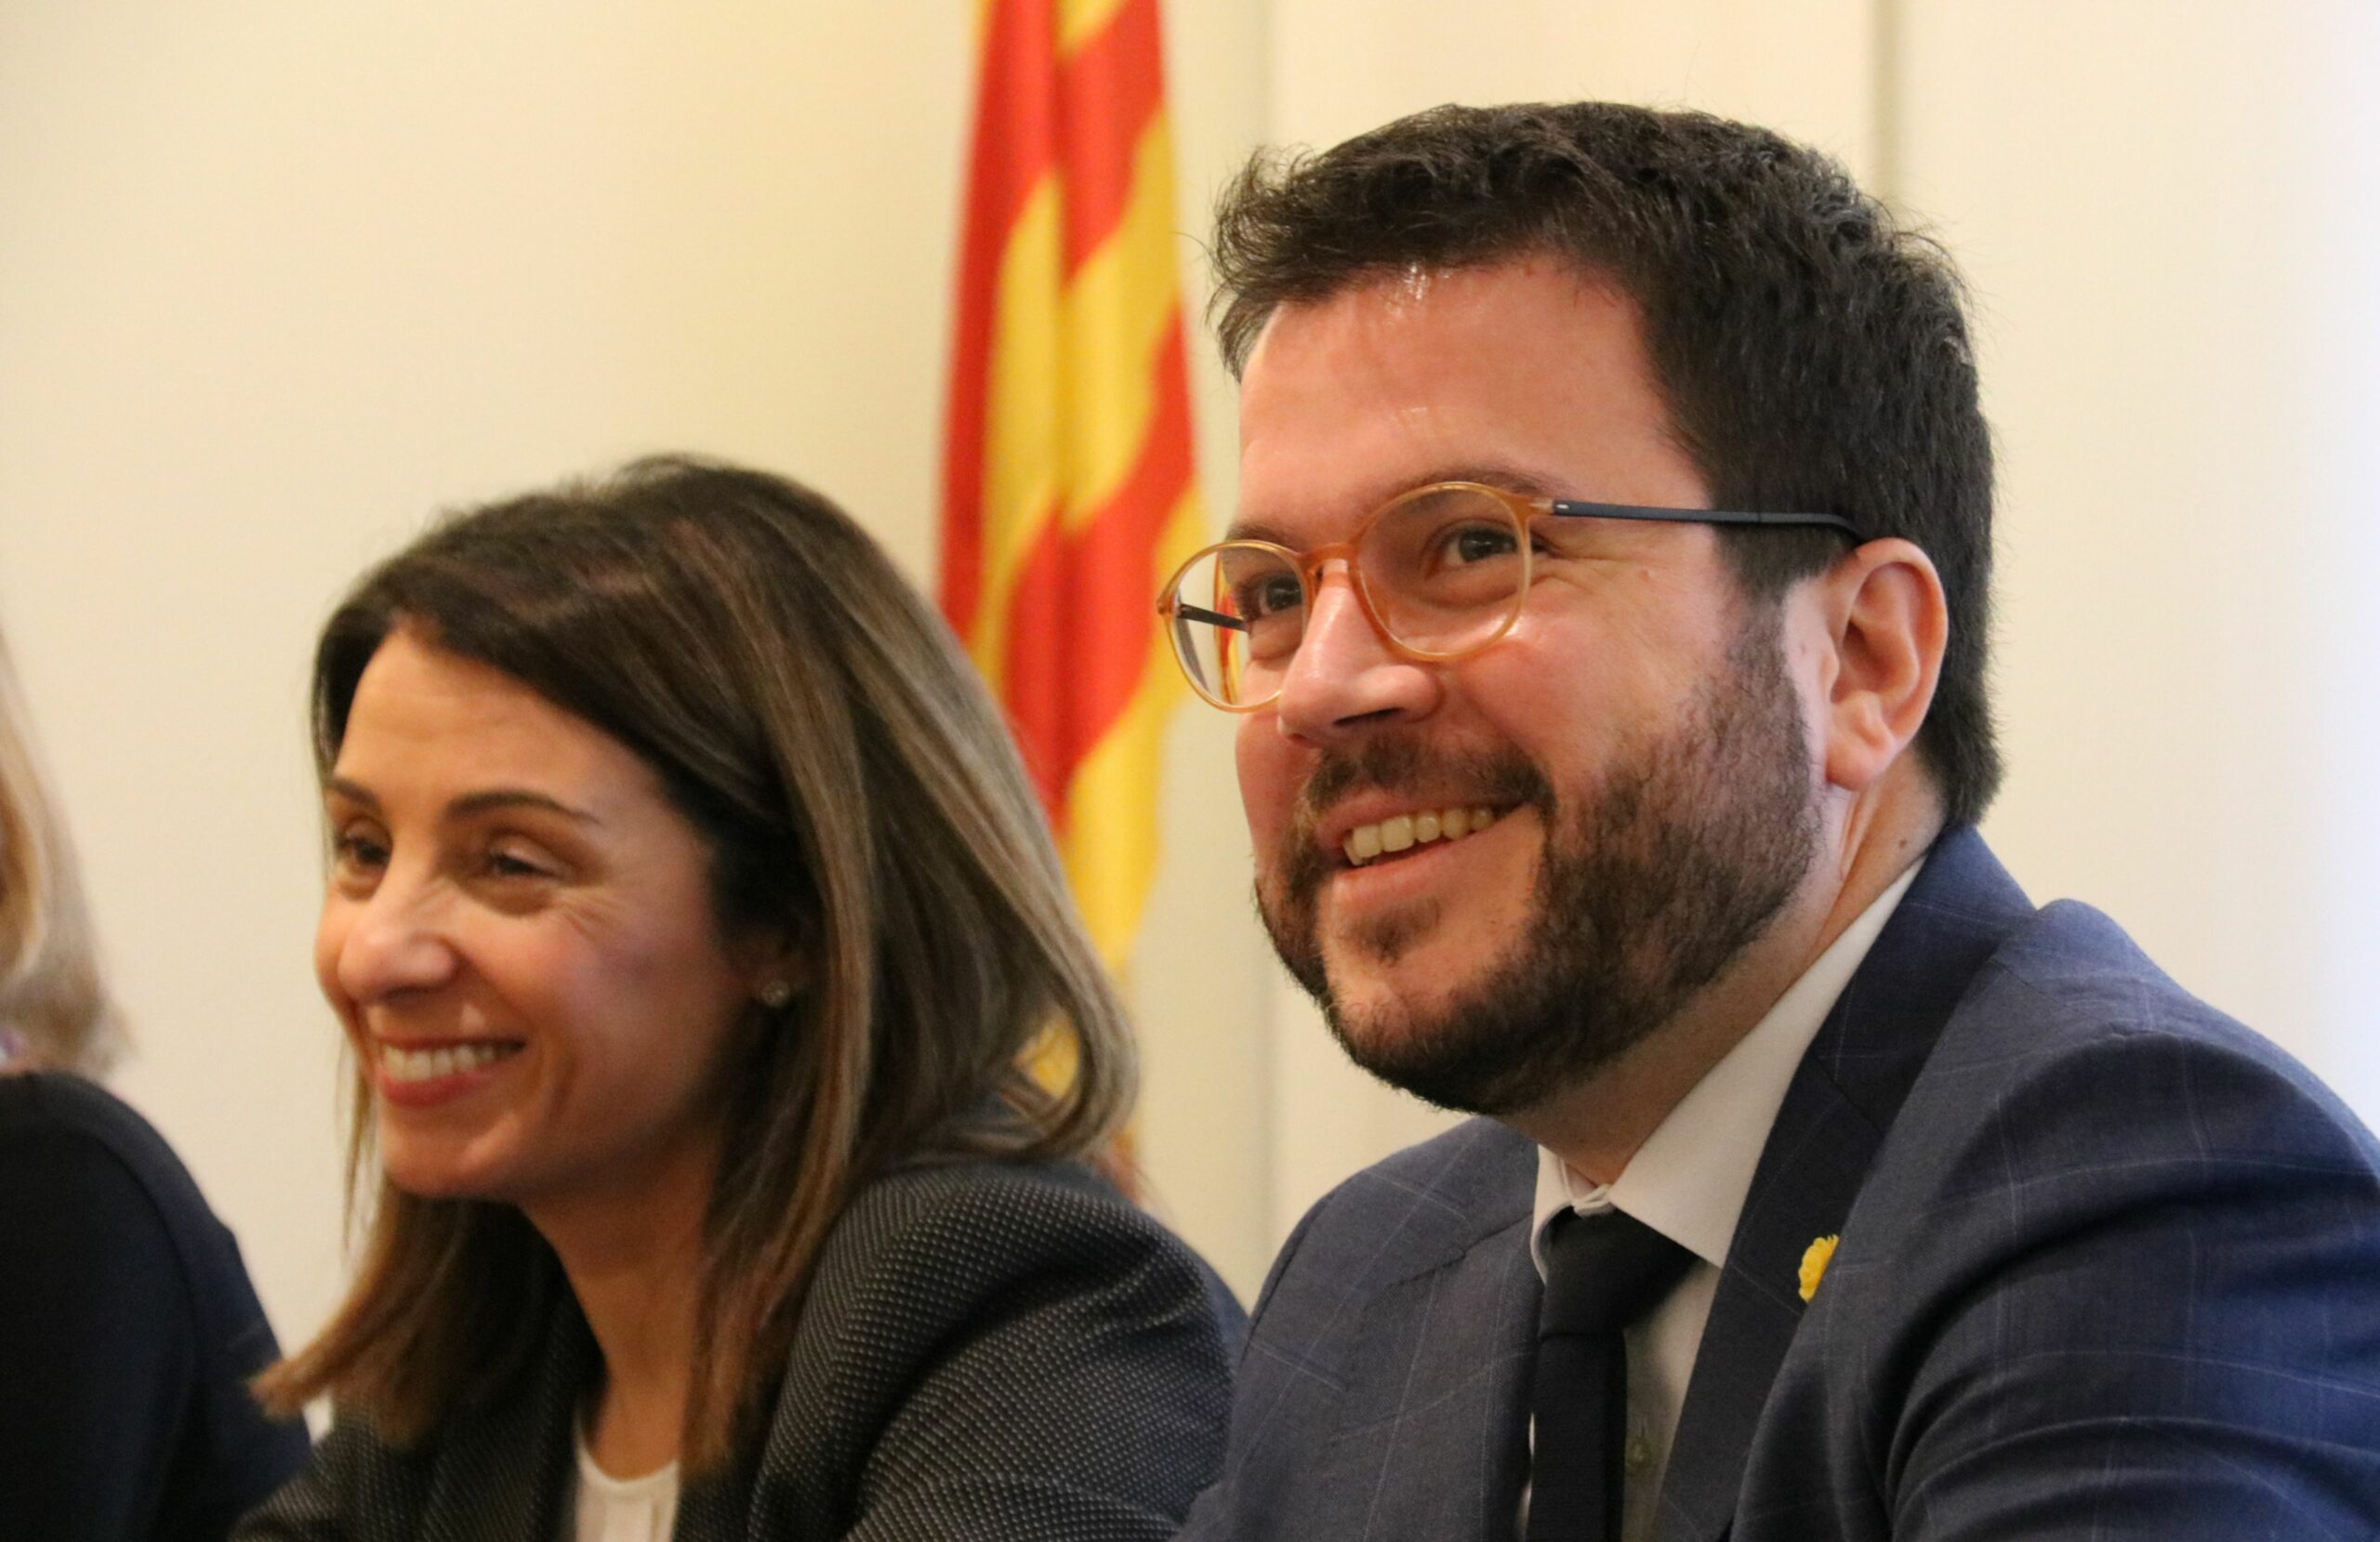 El vicepresident del Govern, Pere Aragonès, amb la portaveu, Meritxell Budó